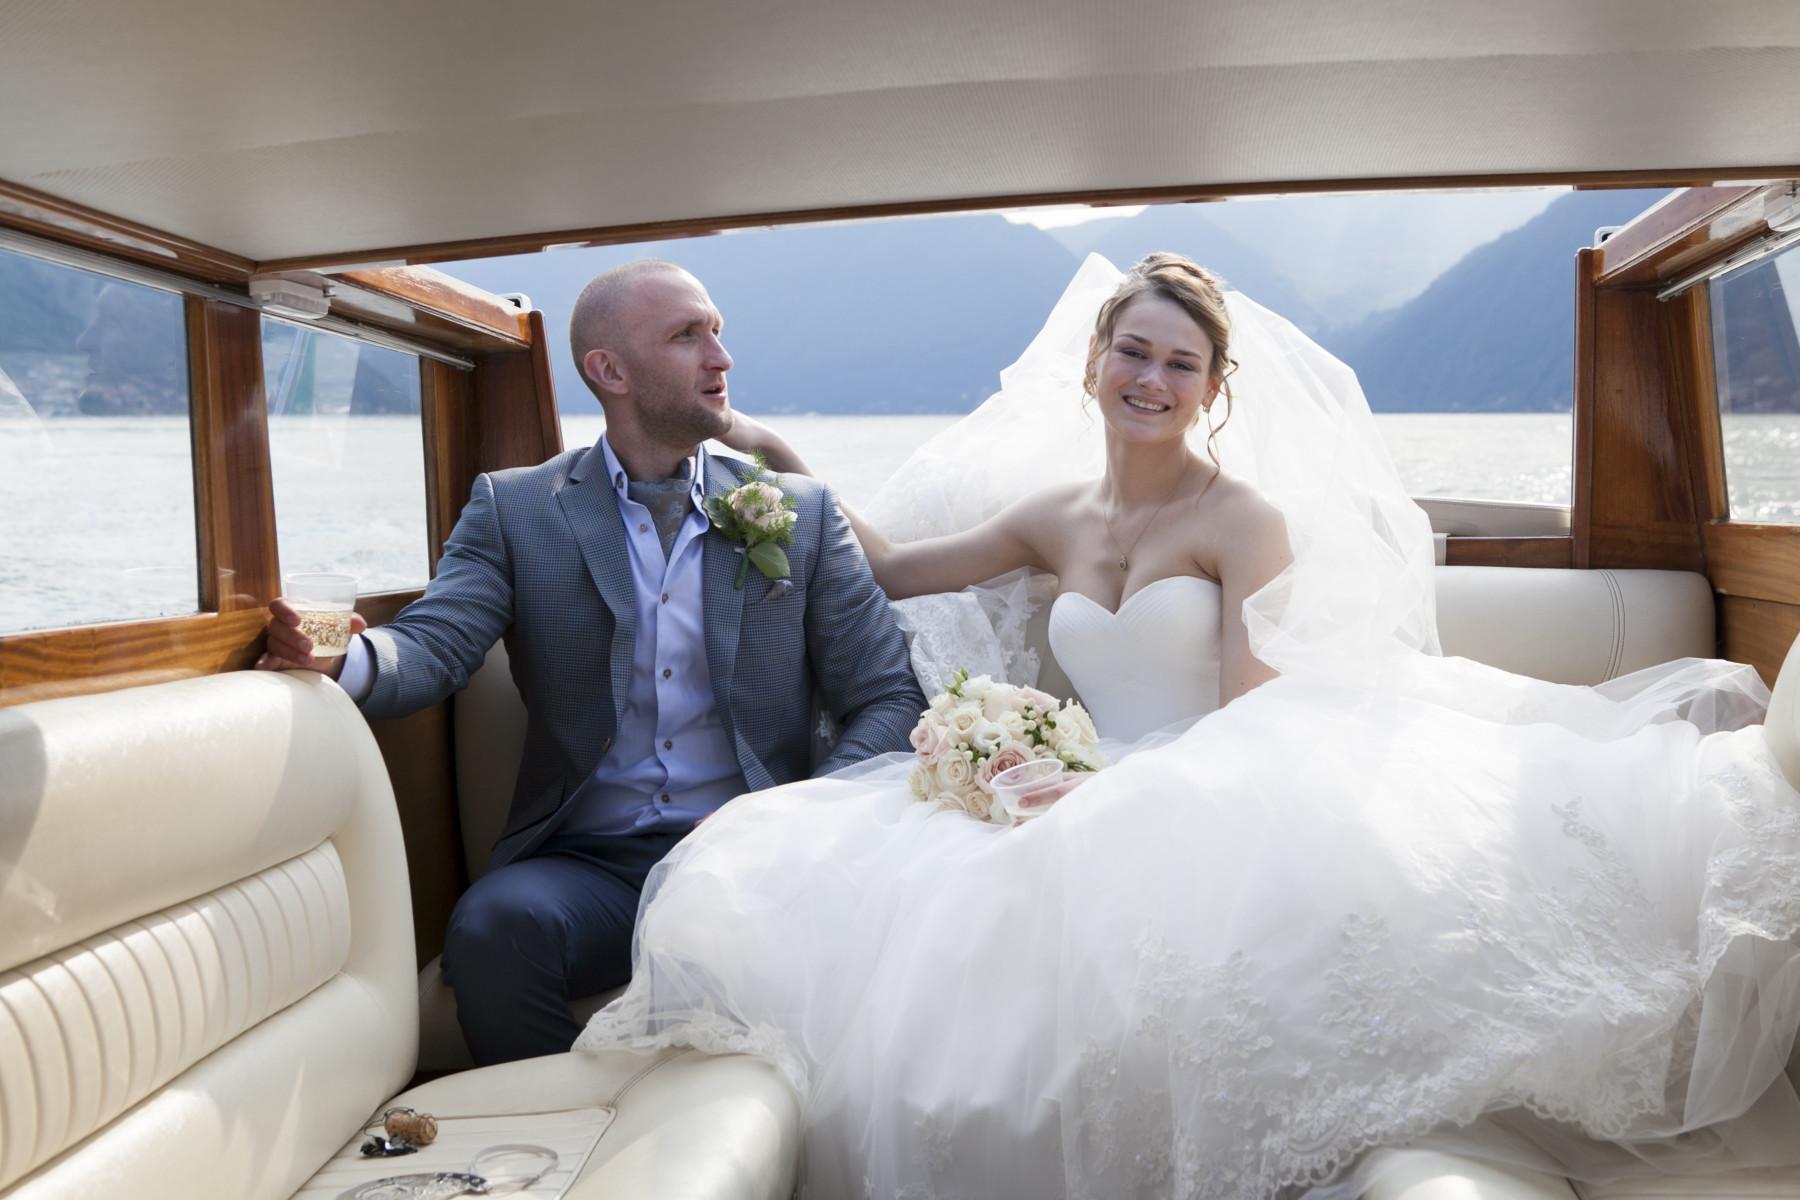 Villa balbianello - Lake Como - Italy - Destination wedding